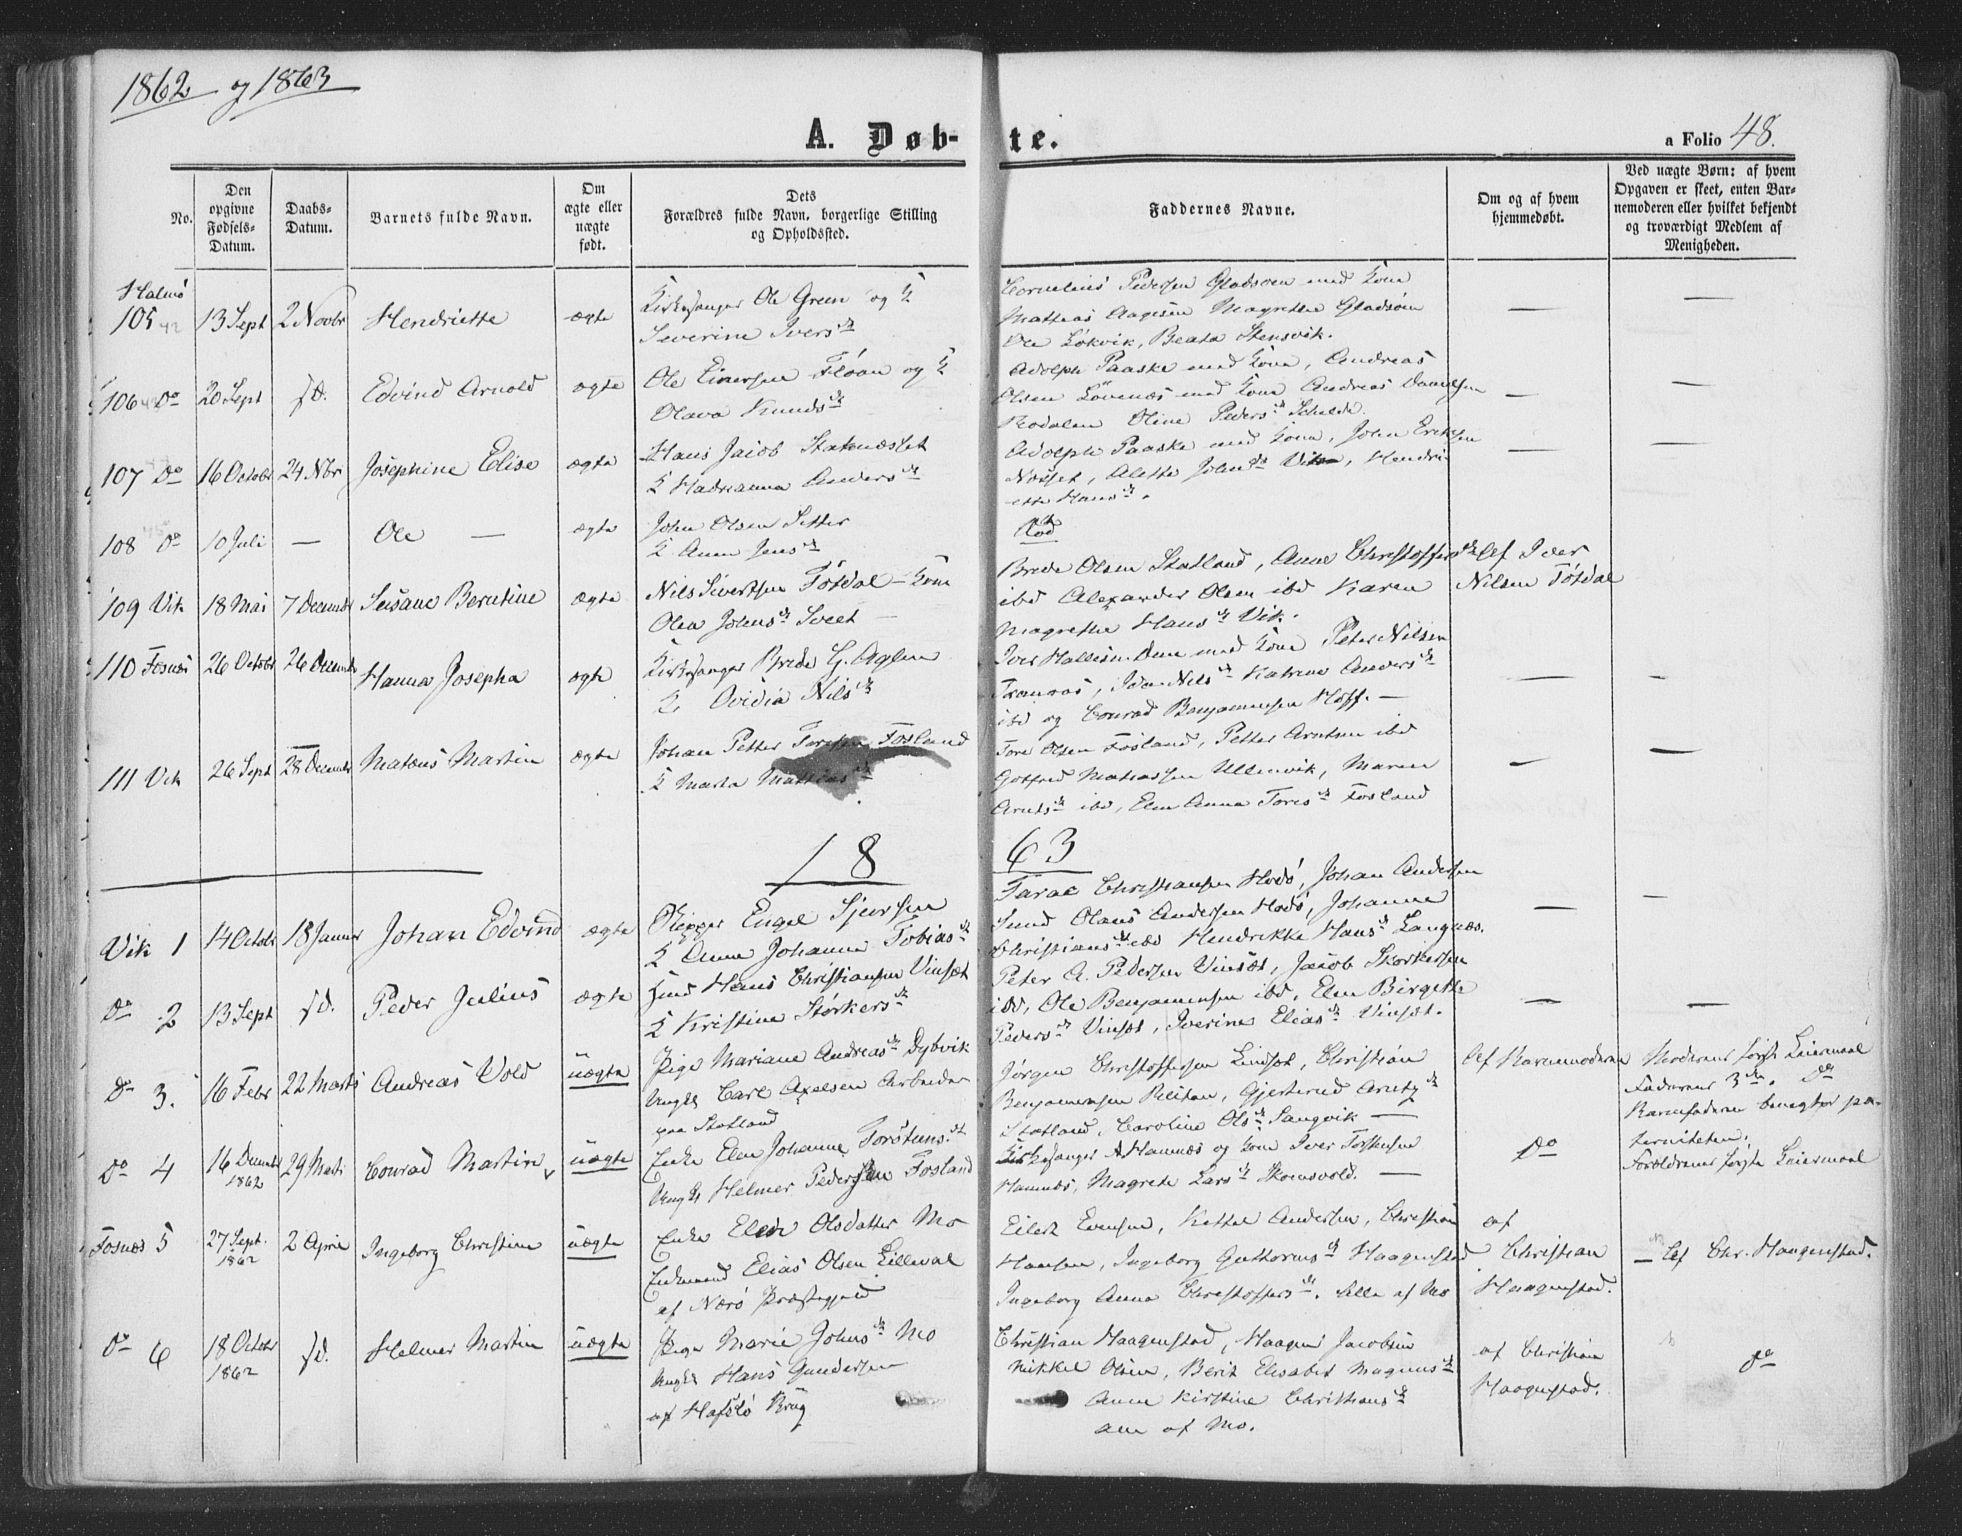 SAT, Ministerialprotokoller, klokkerbøker og fødselsregistre - Nord-Trøndelag, 773/L0615: Ministerialbok nr. 773A06, 1857-1870, s. 48